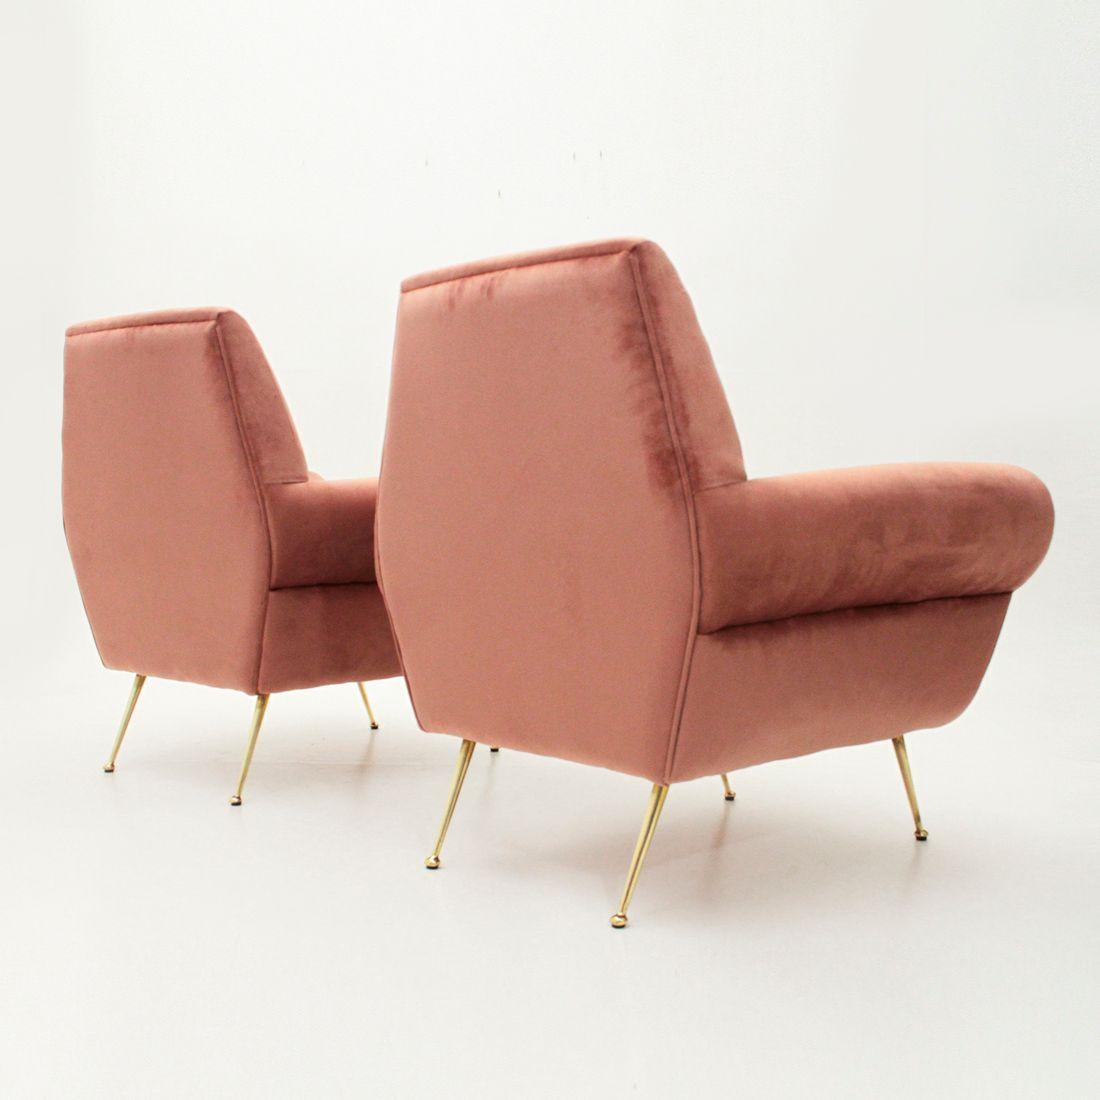 Sessel Rosa Samt Sessel Von Made Günstig Online Kaufen Bei Möbel